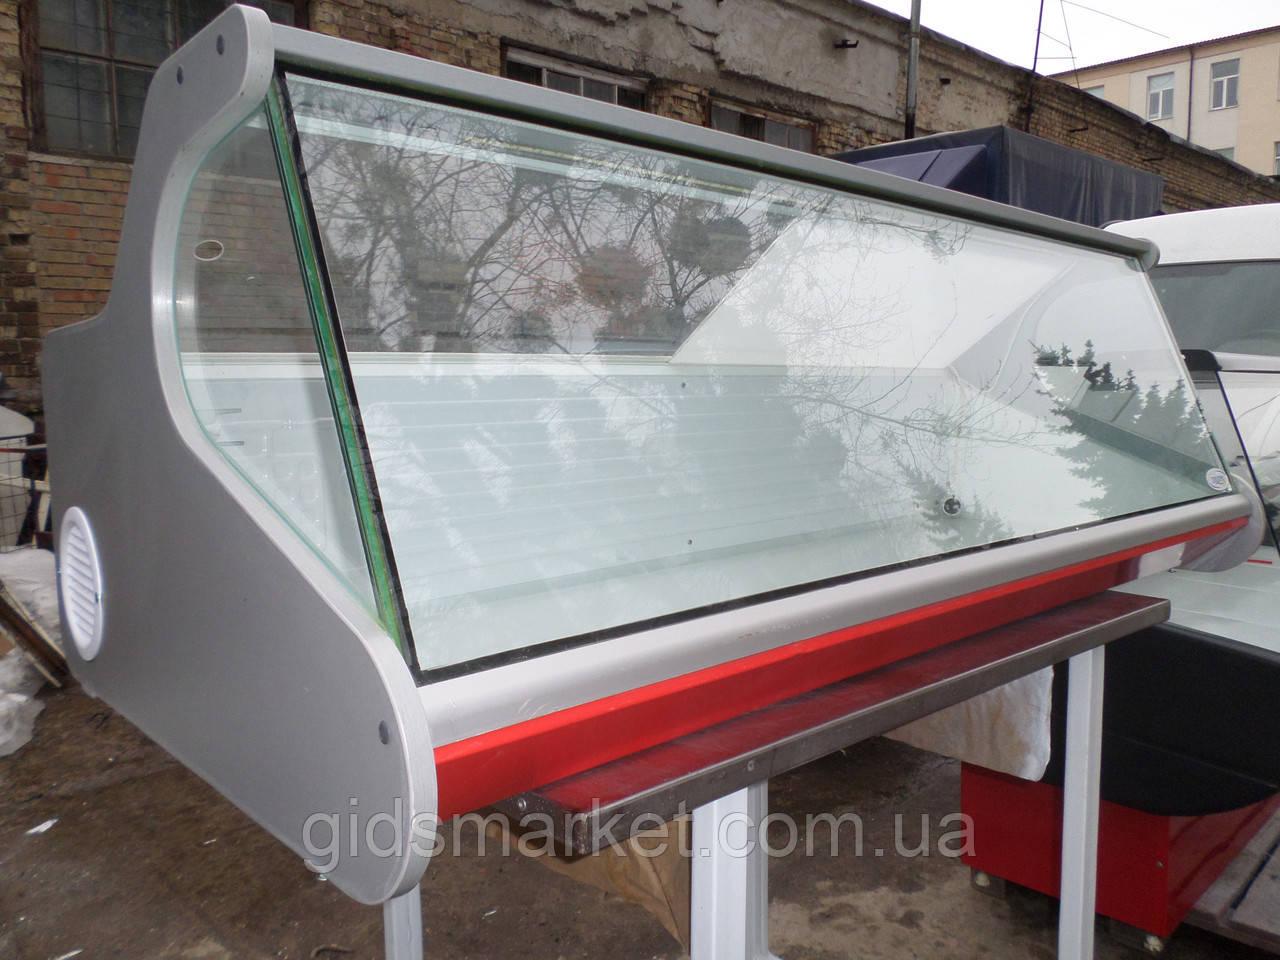 Холодильная витрина настольная Днепро б/у., витрина гастрономическая бу.